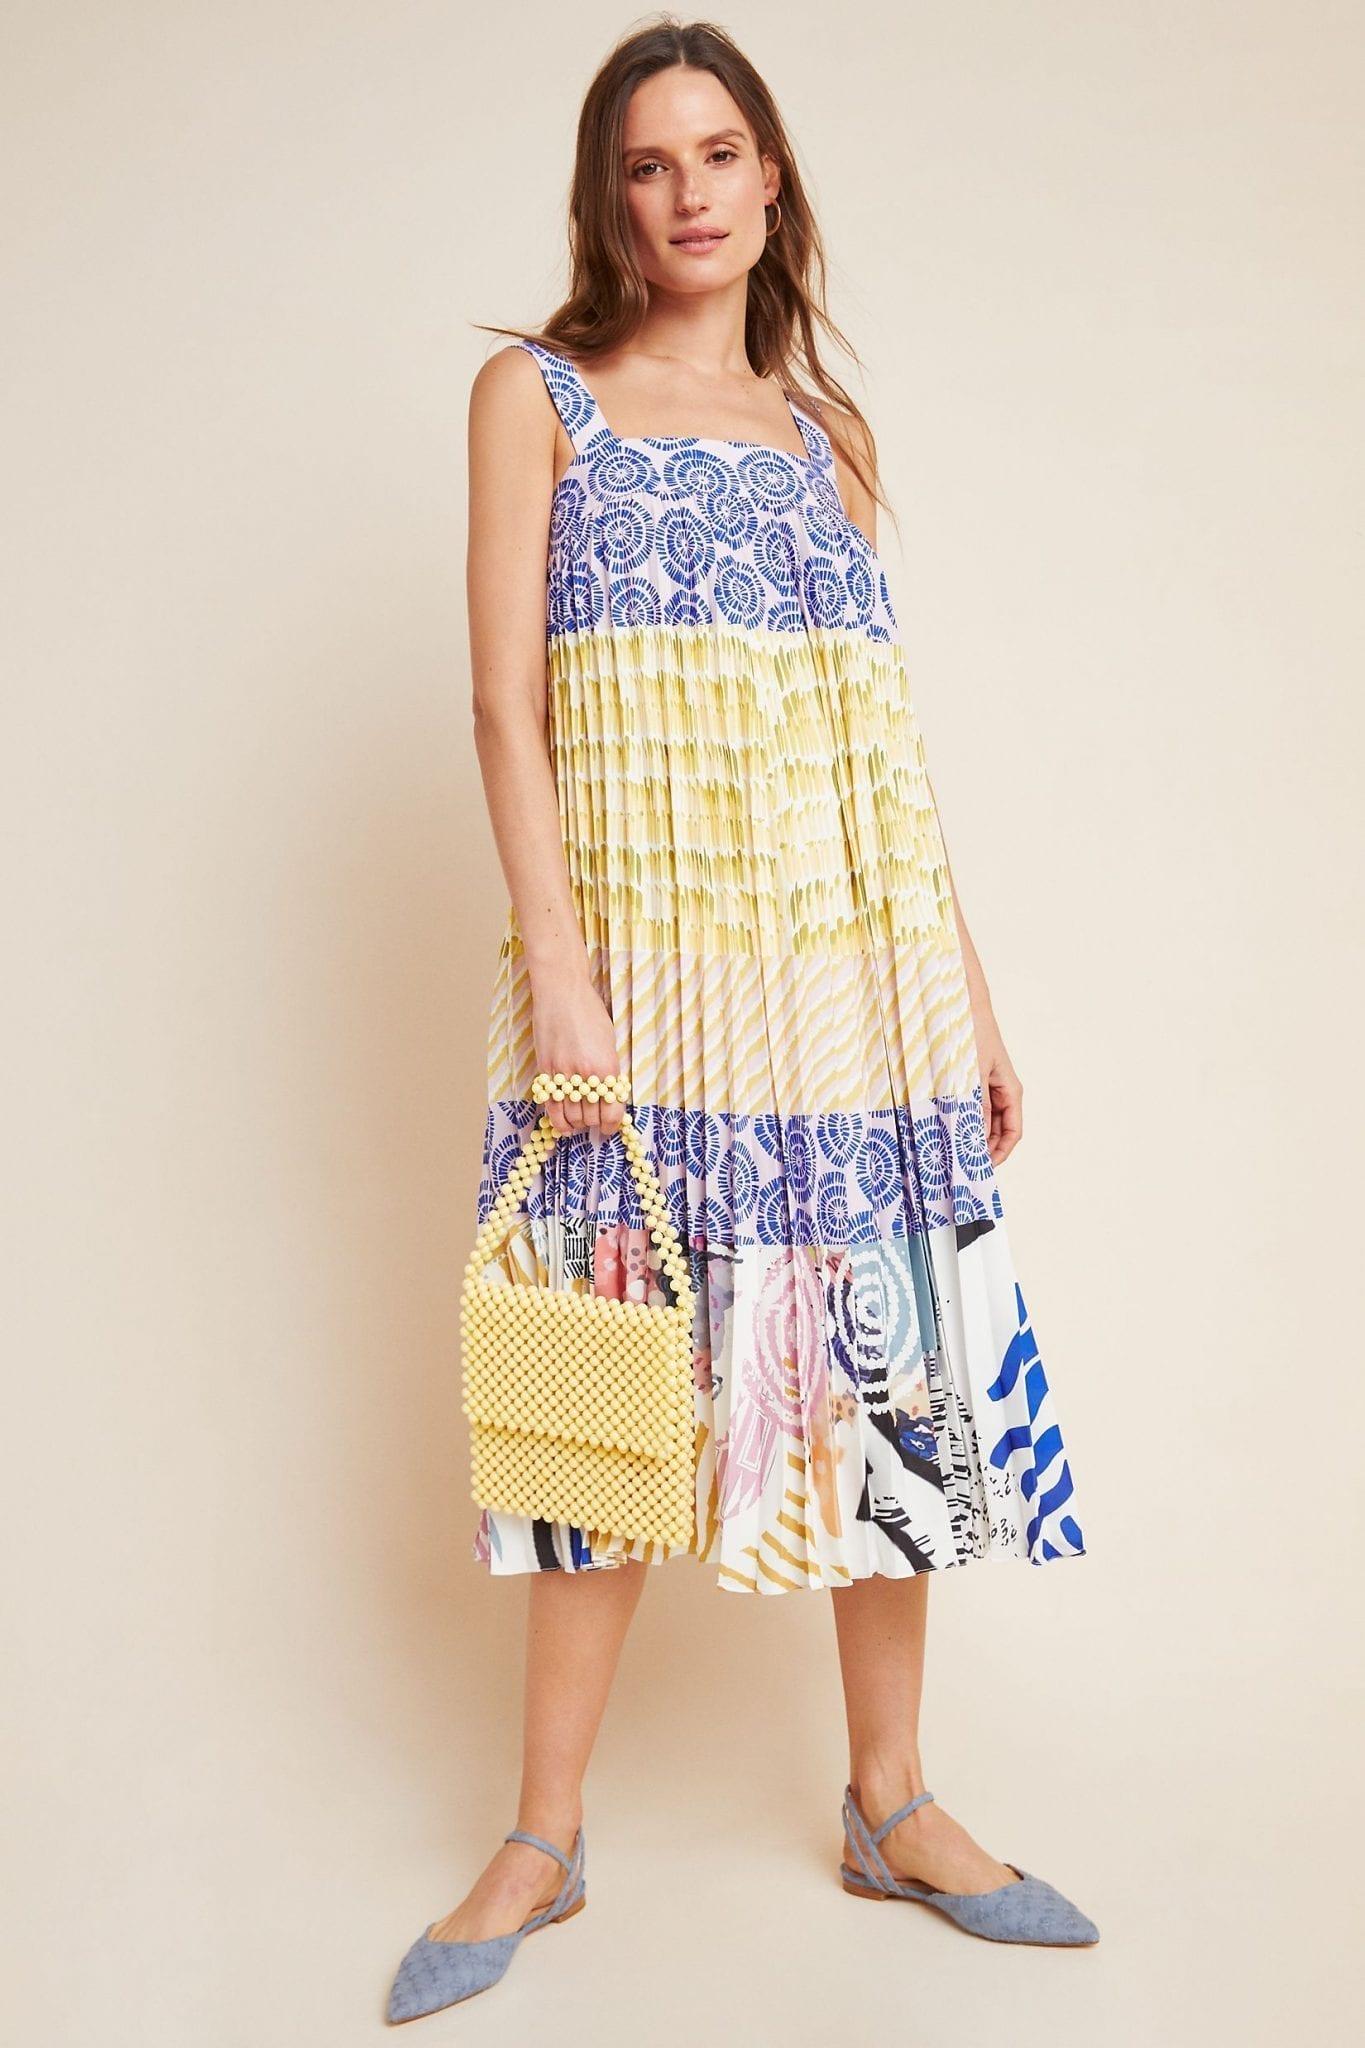 GEISHA DESIGNS Charleston Pleated Midi Dress